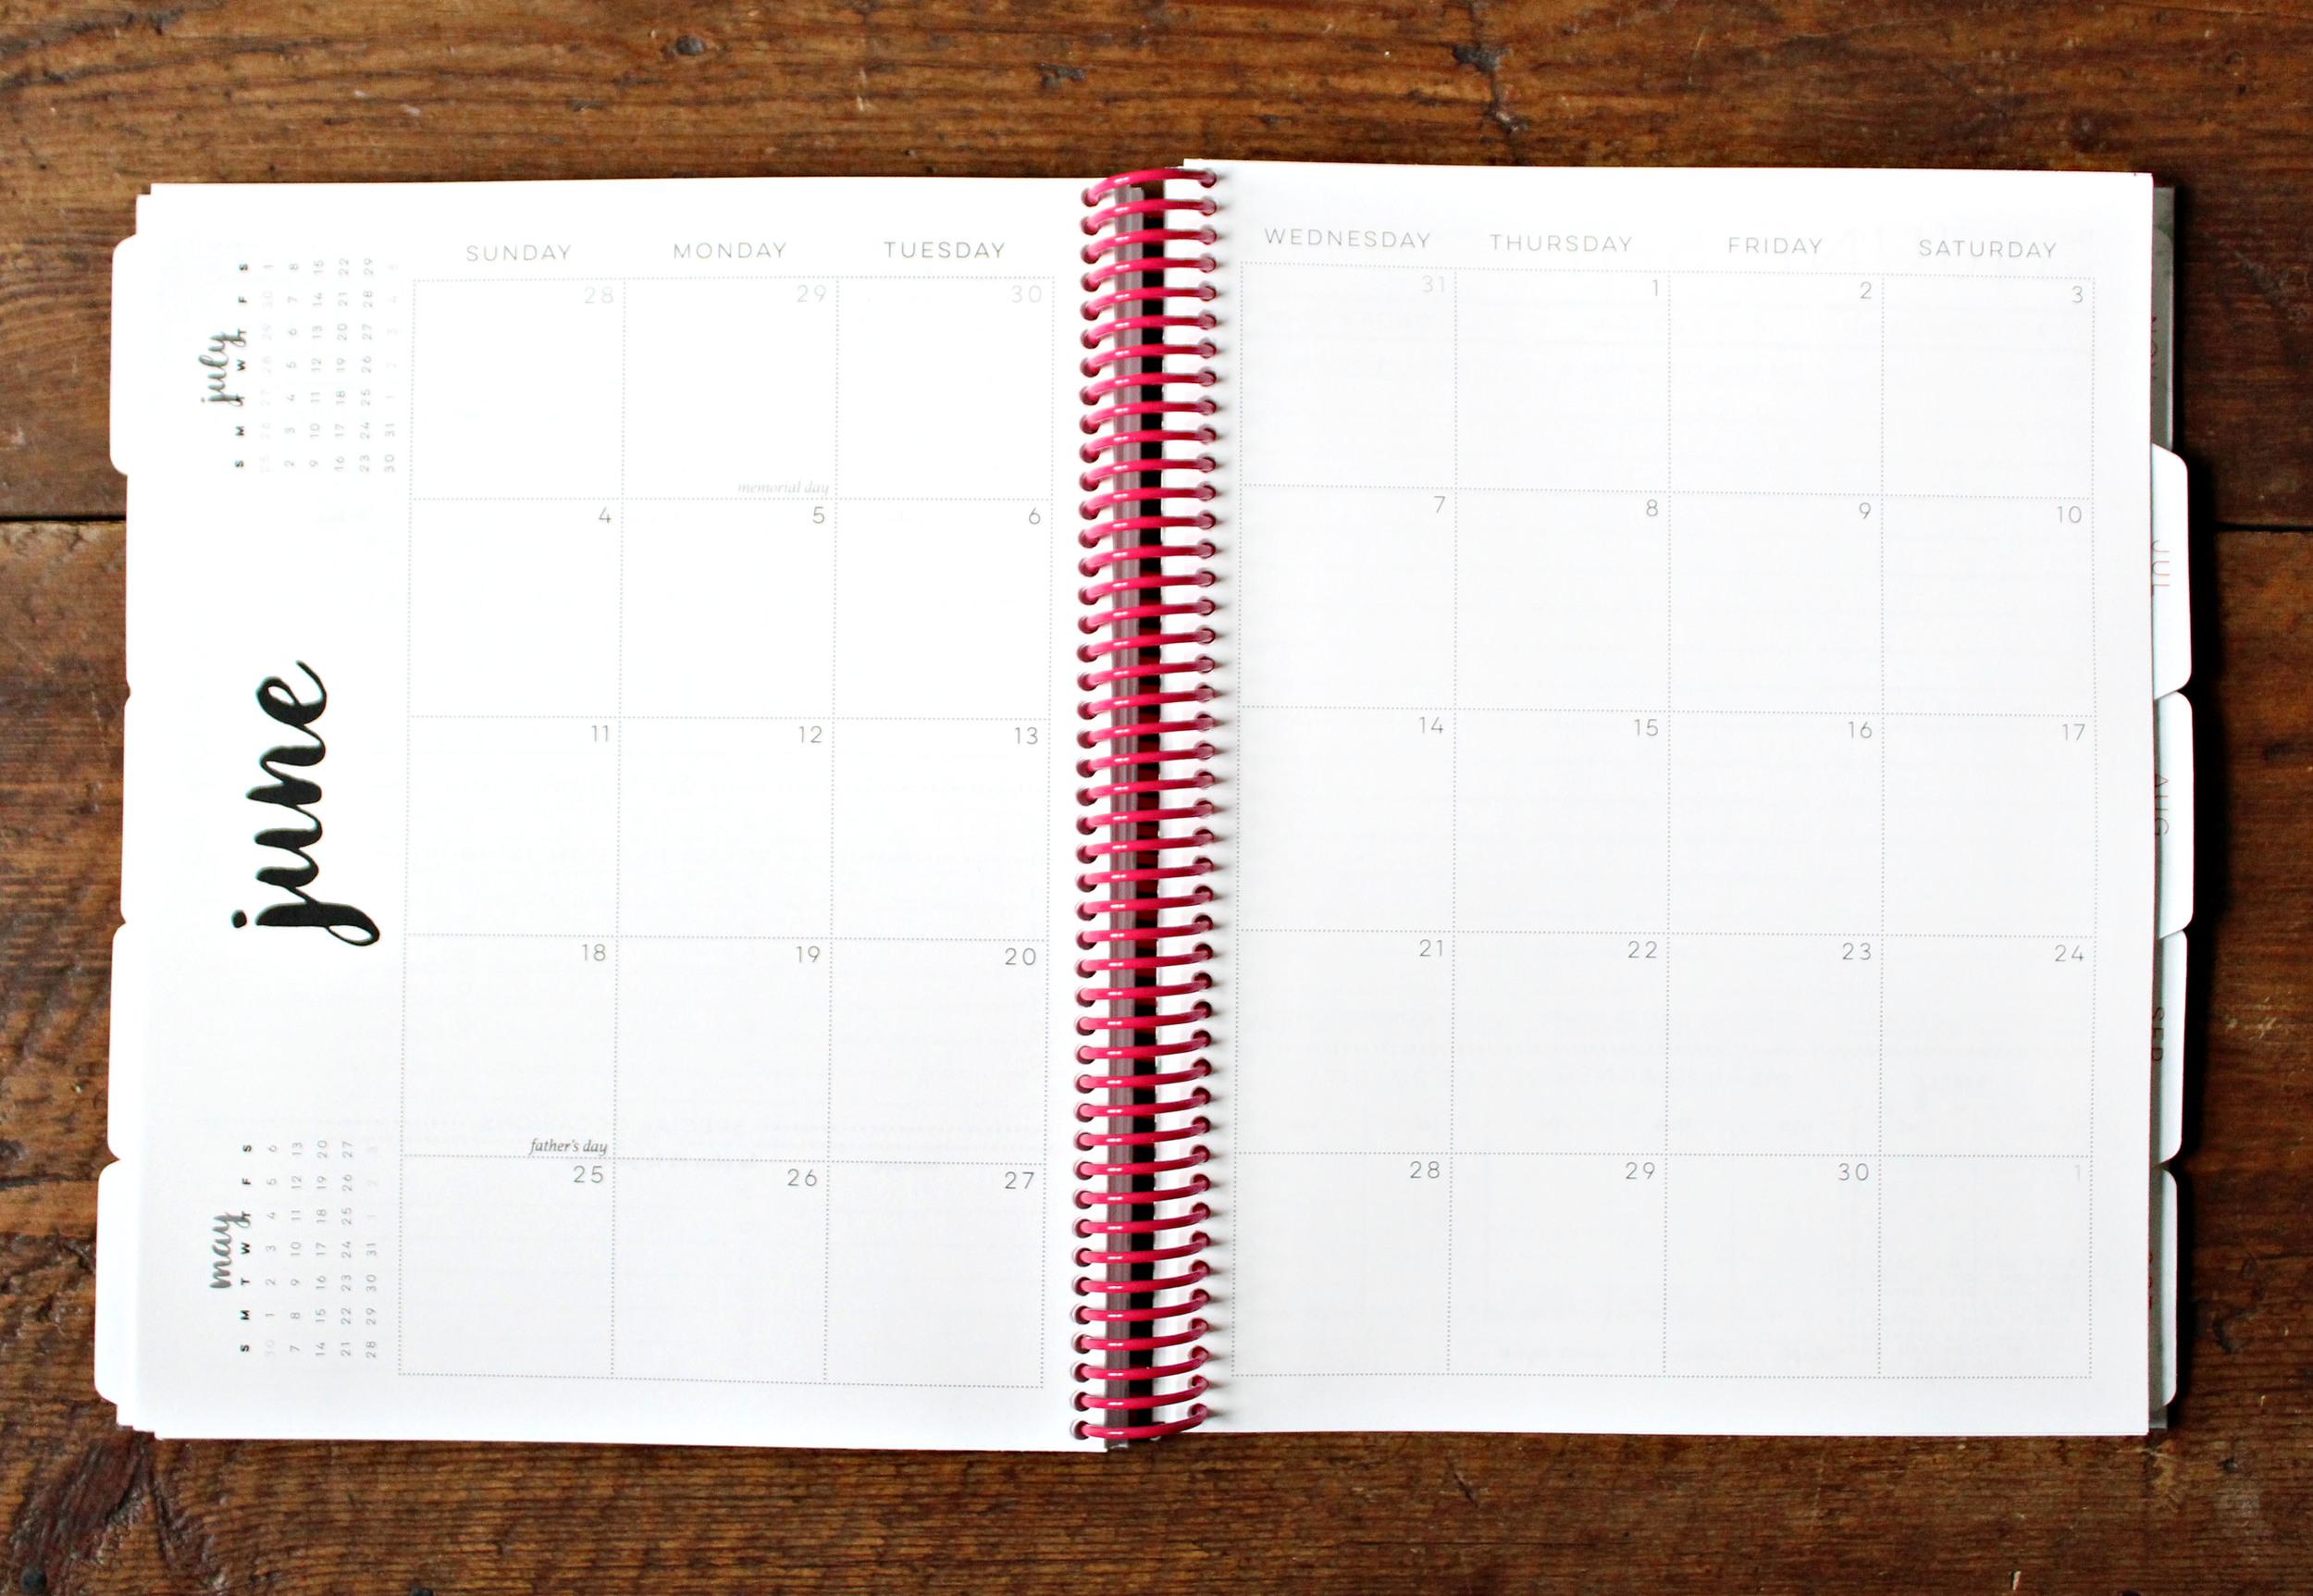 Planner // 2017 Agenda // Large Monthly Calendar via Jitney's Journeys